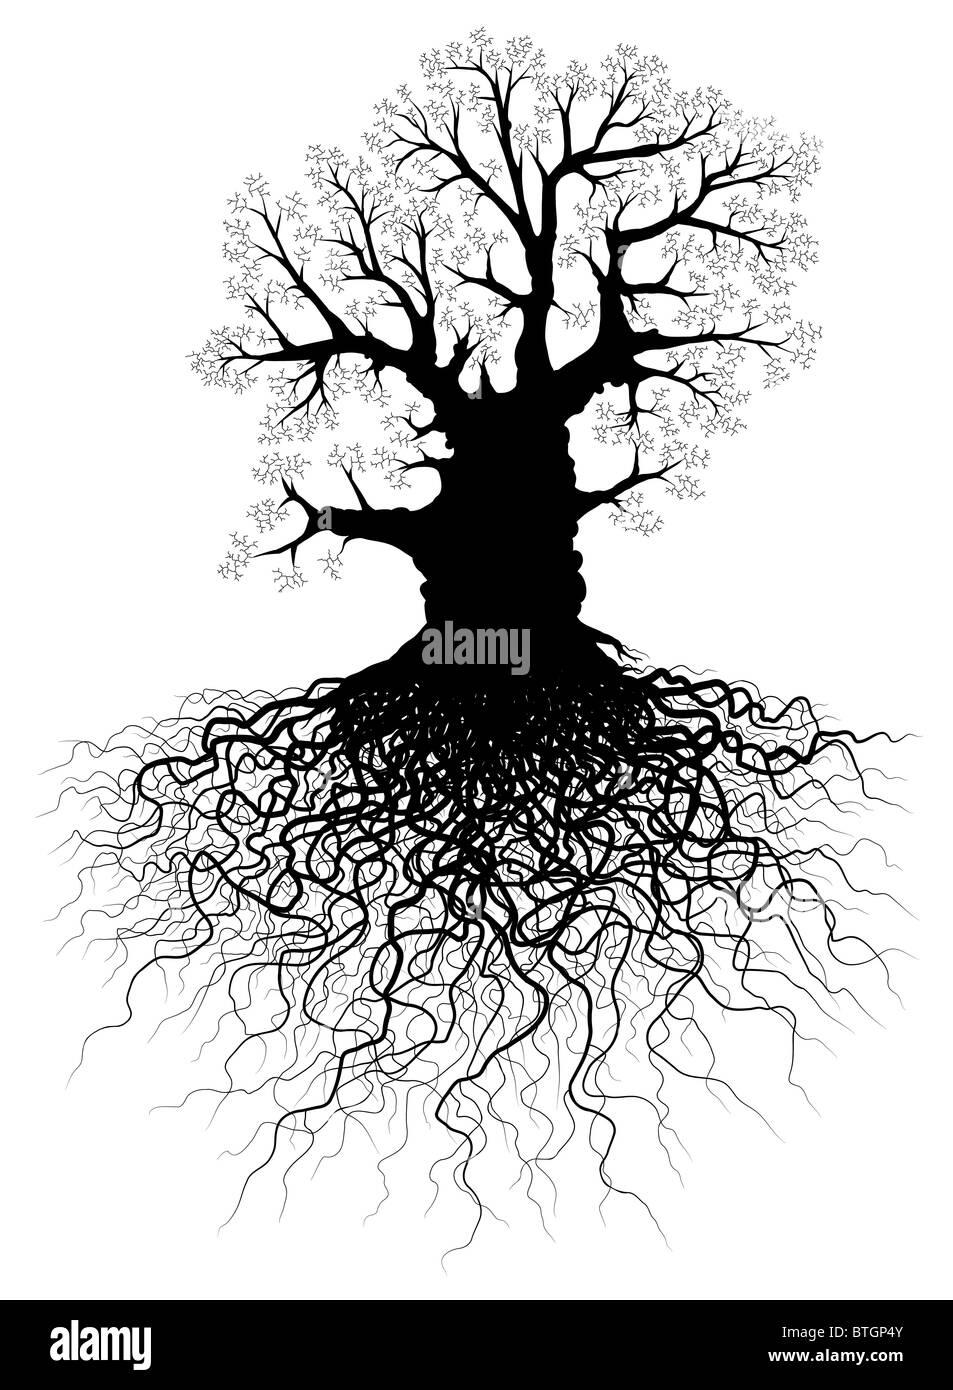 Arbre Avec Racine illustration d'un arbre de chêne sans feuilles avec système racine